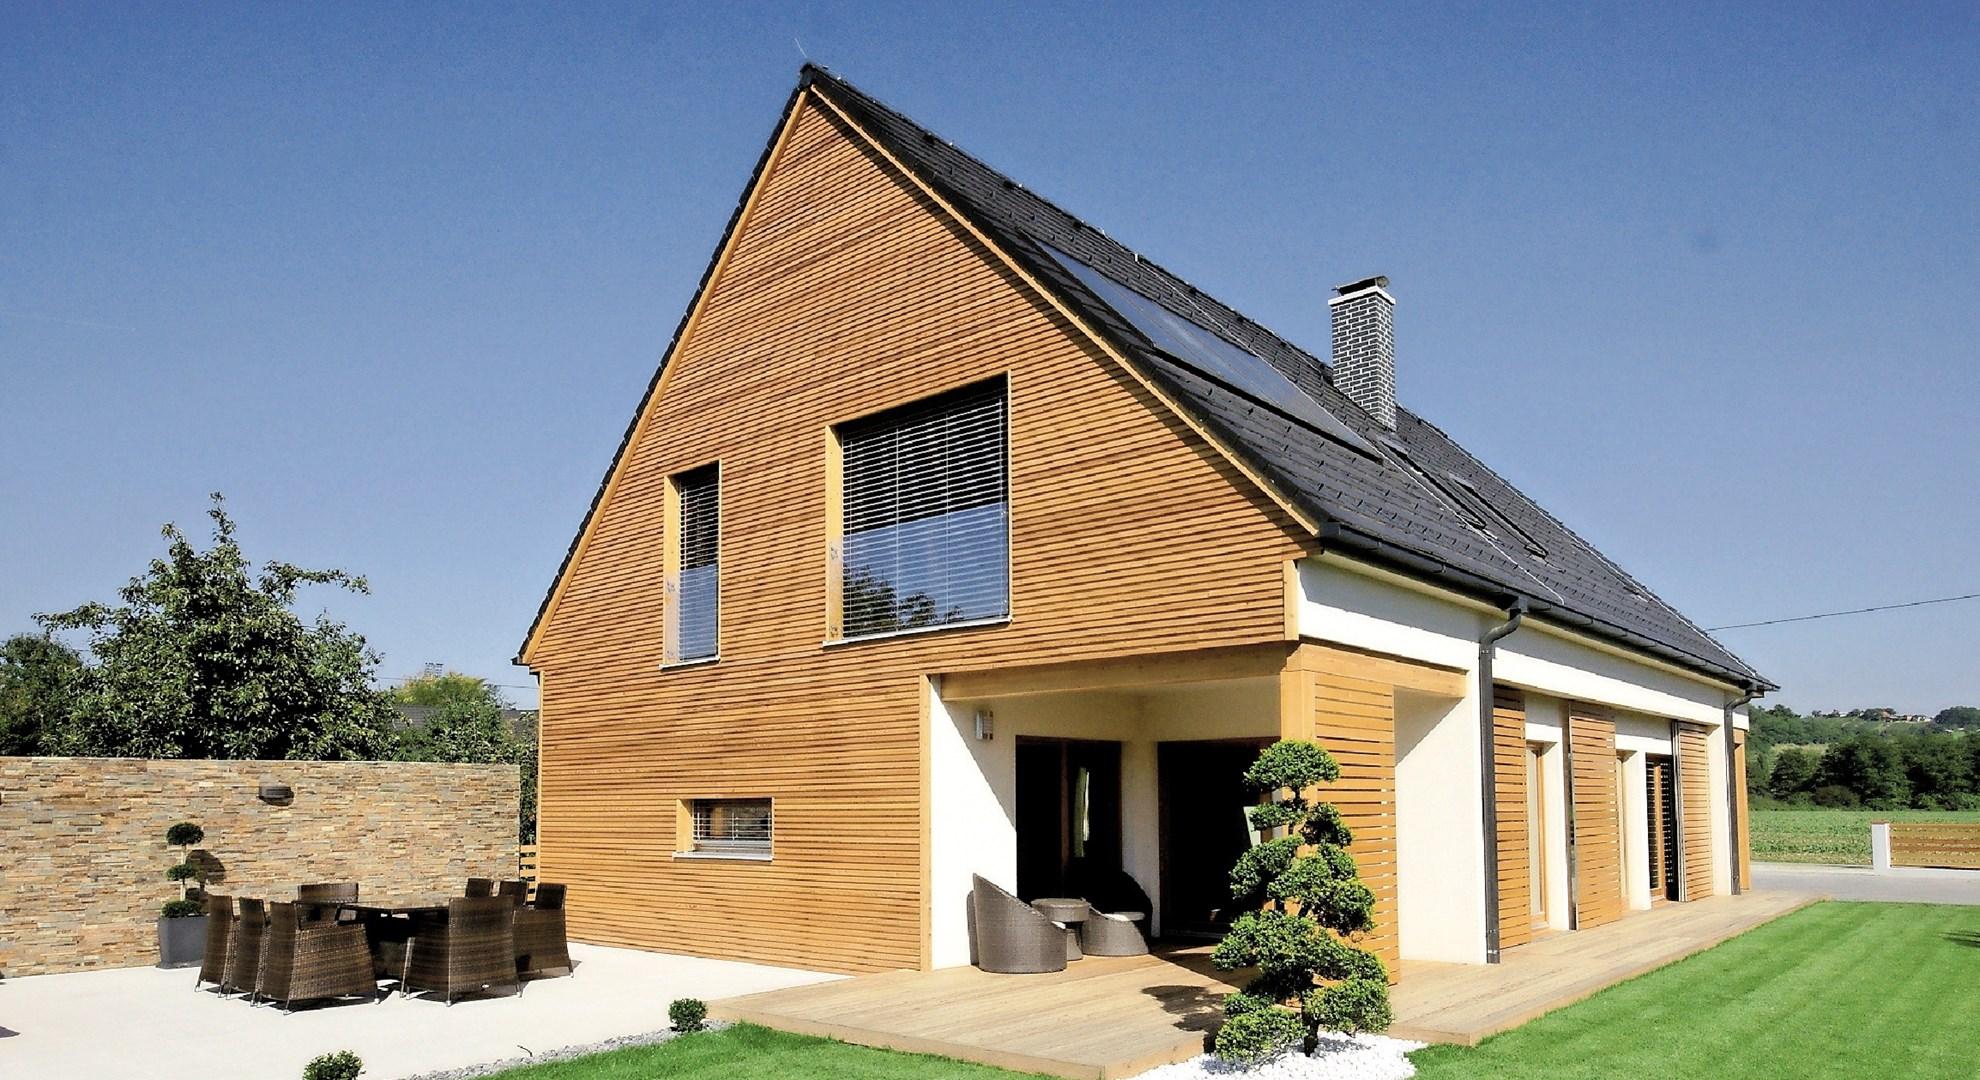 Montažne hiše: gradnja, pripravljena na višje standarde energijske učinkovitosti